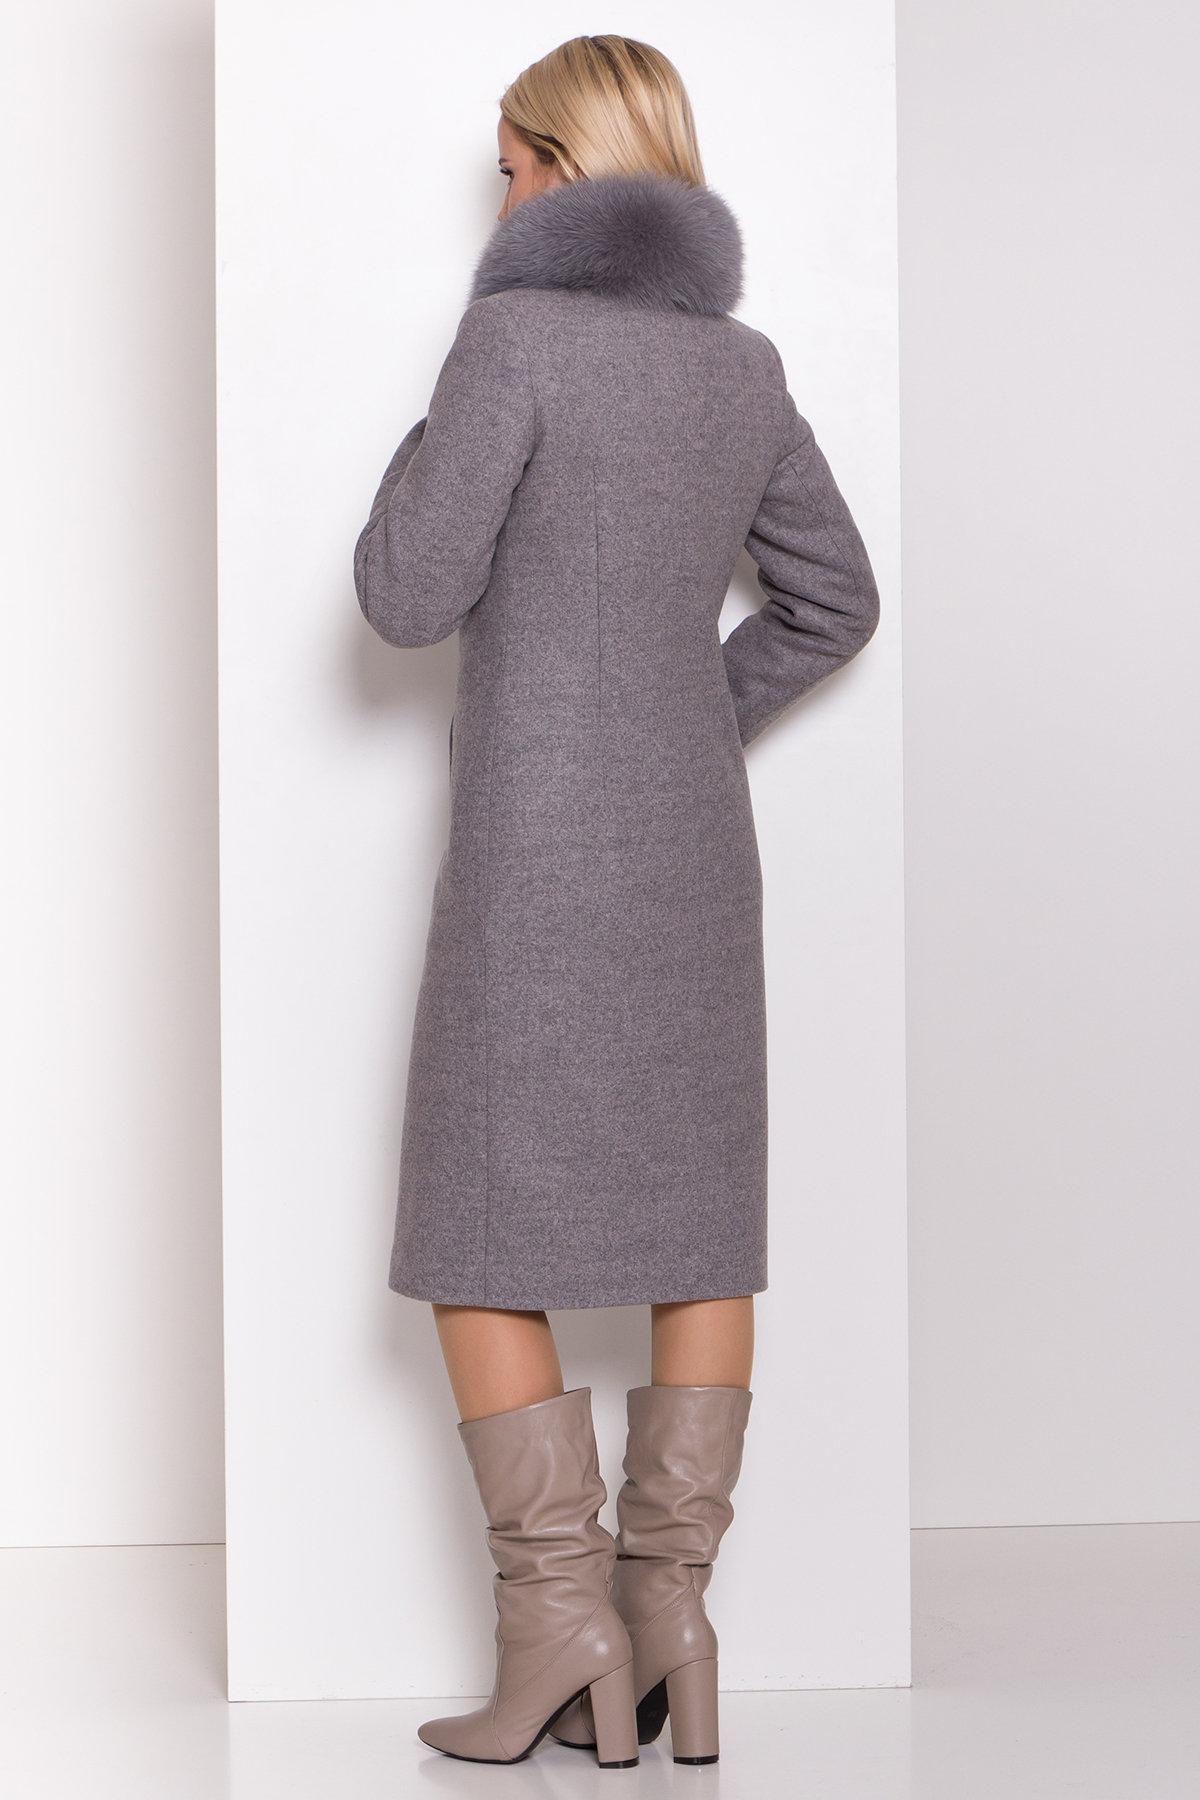 Утепленное пальто зима Люцея 8417 АРТ. 44667 Цвет: Карамель 20/1 - фото 4, интернет магазин tm-modus.ru